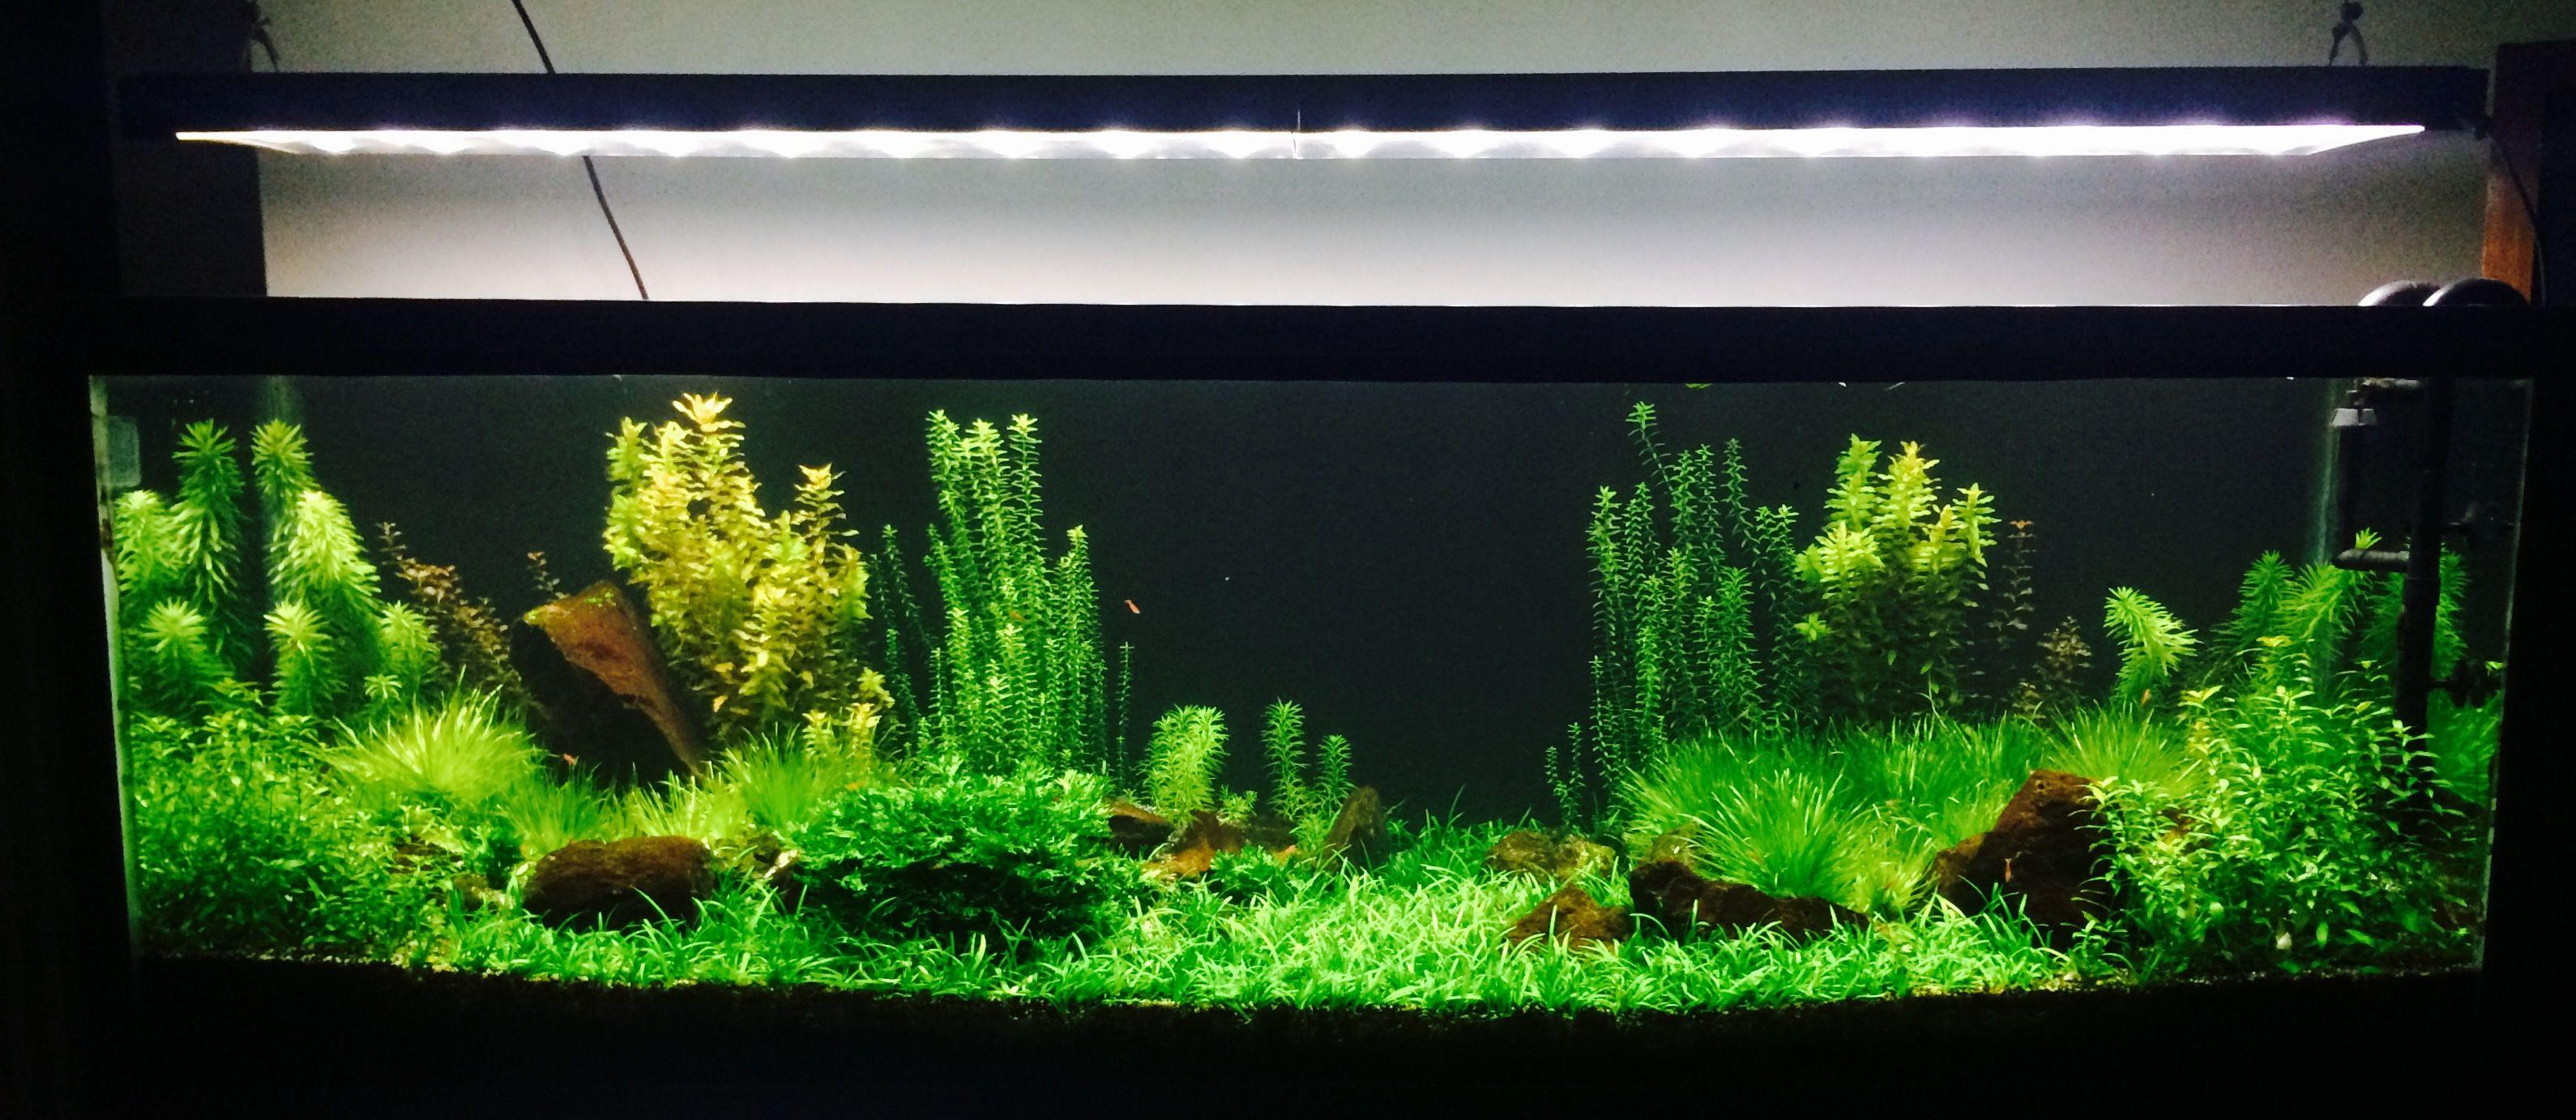 Pin by william cardona on aquascaping aquarium pinterest aquariums